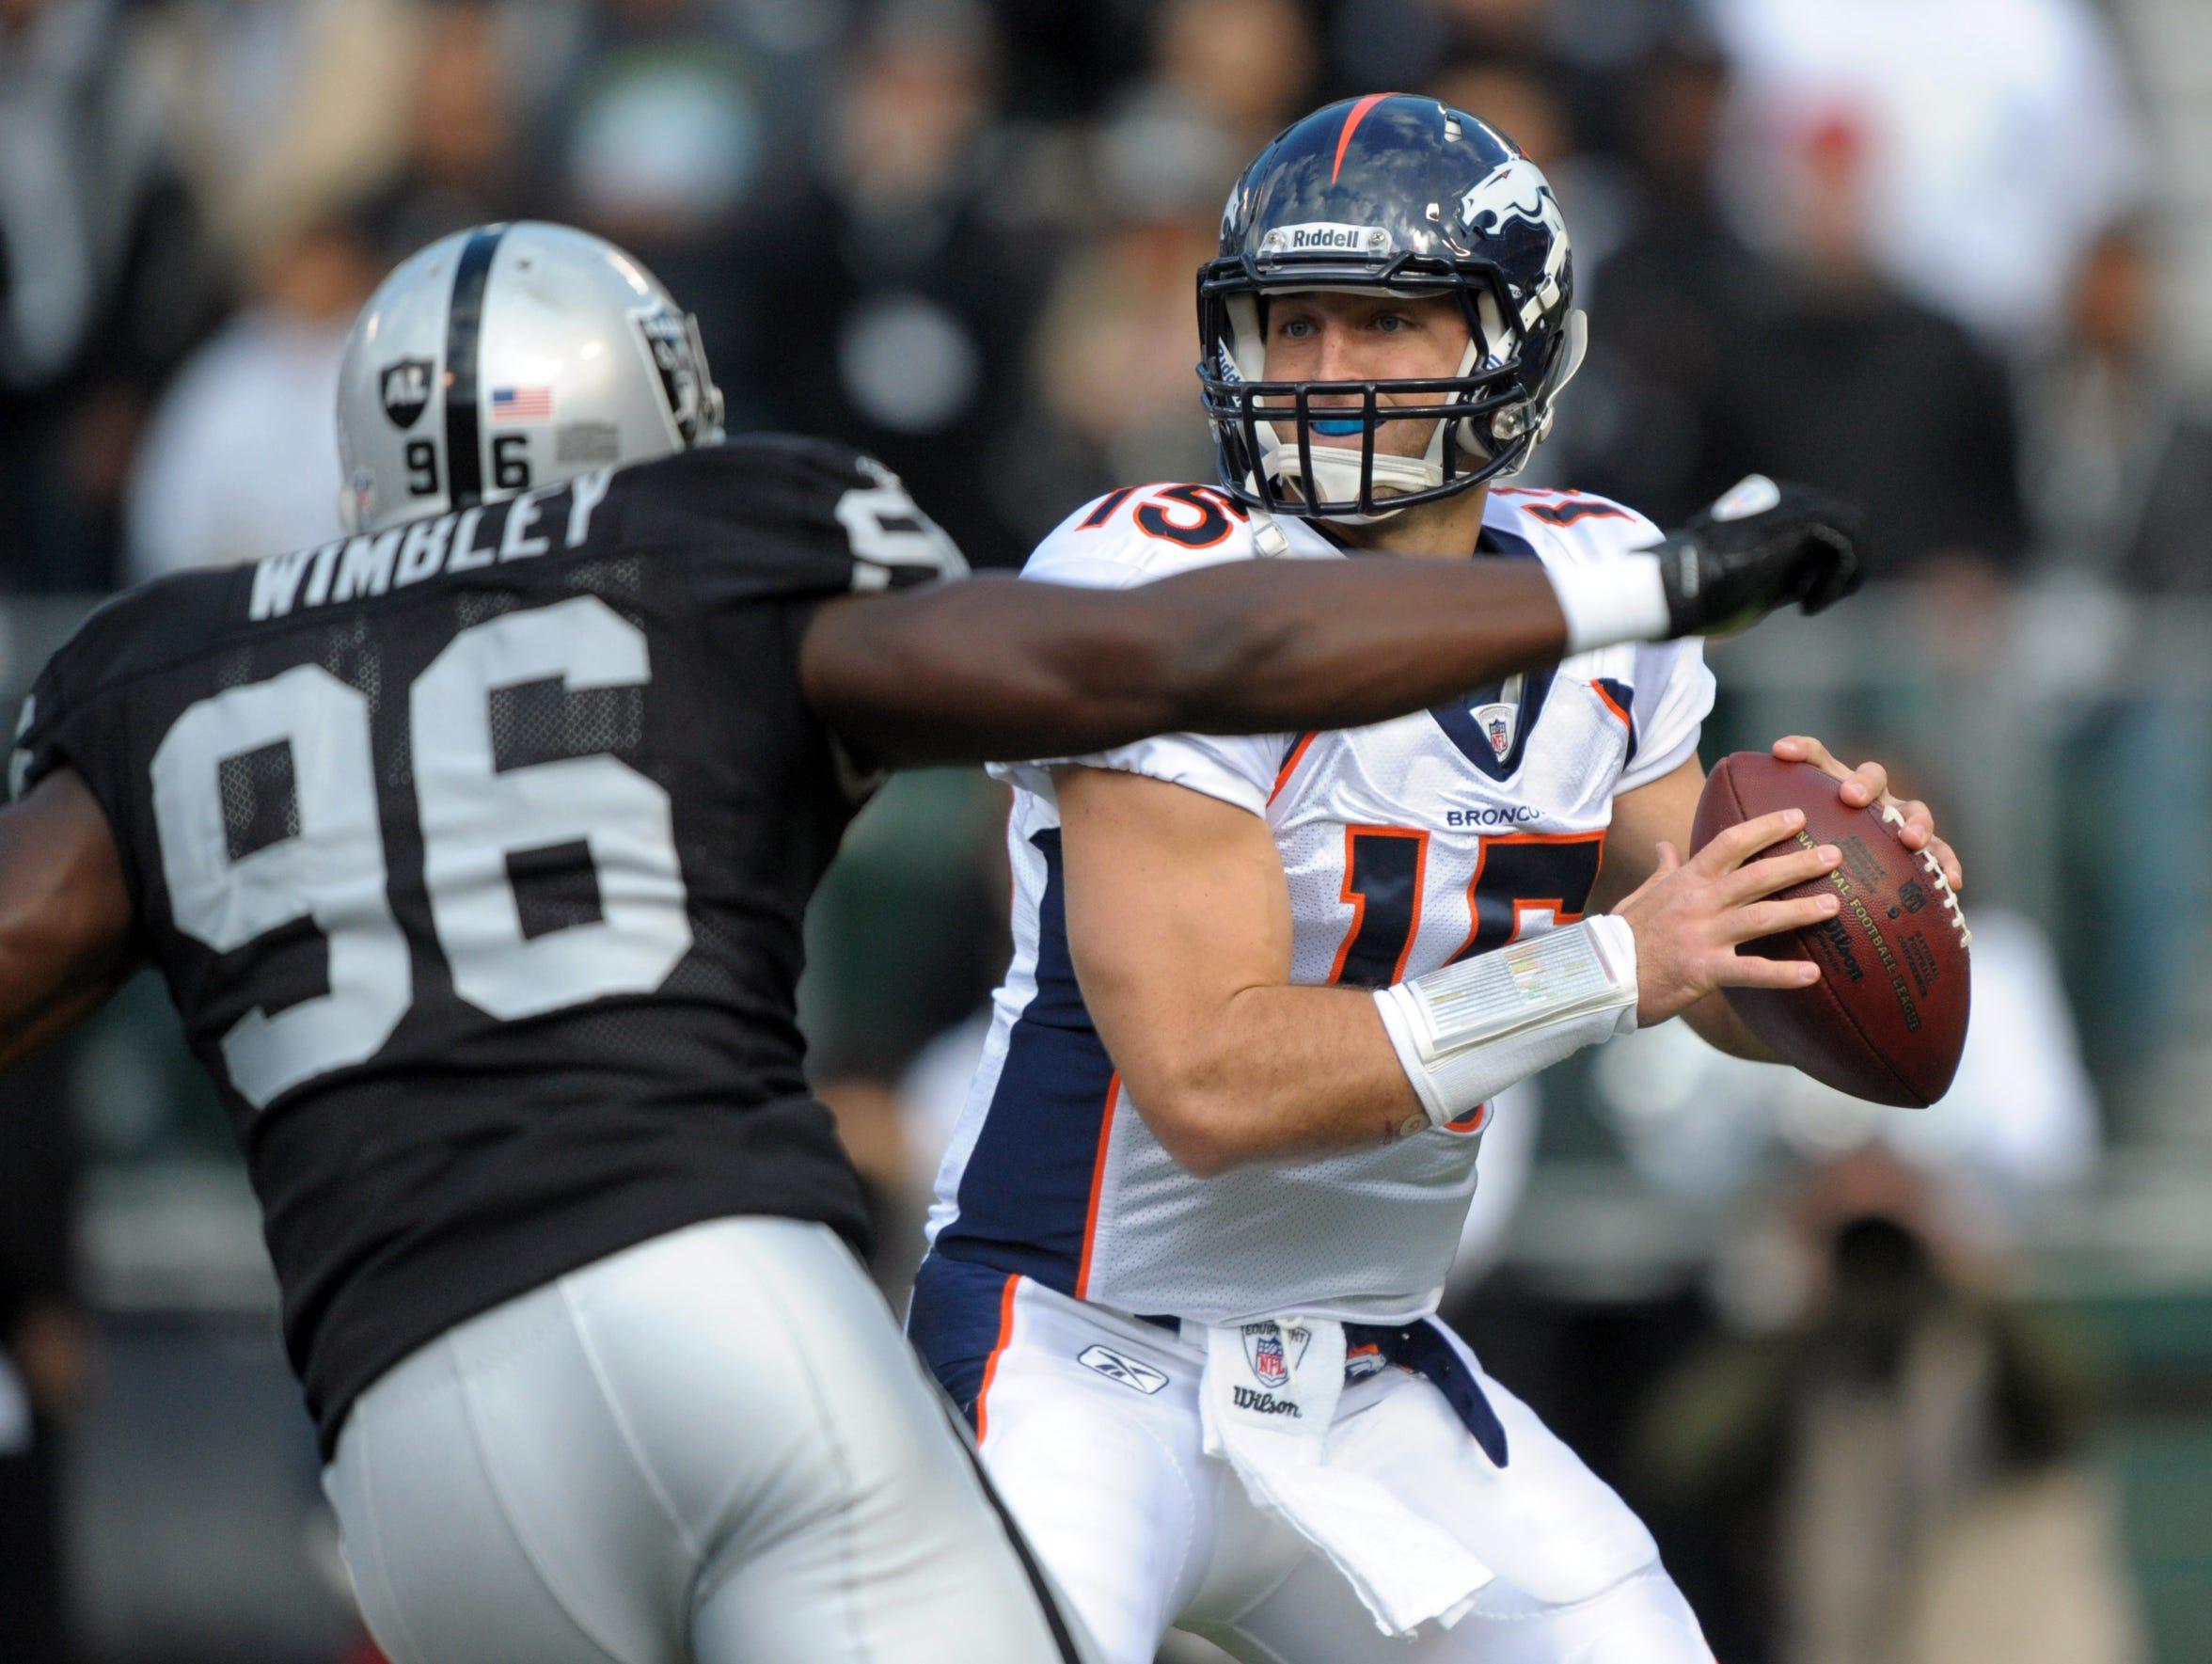 Denver Broncos quarterback Tim Tebow (15) is pressured